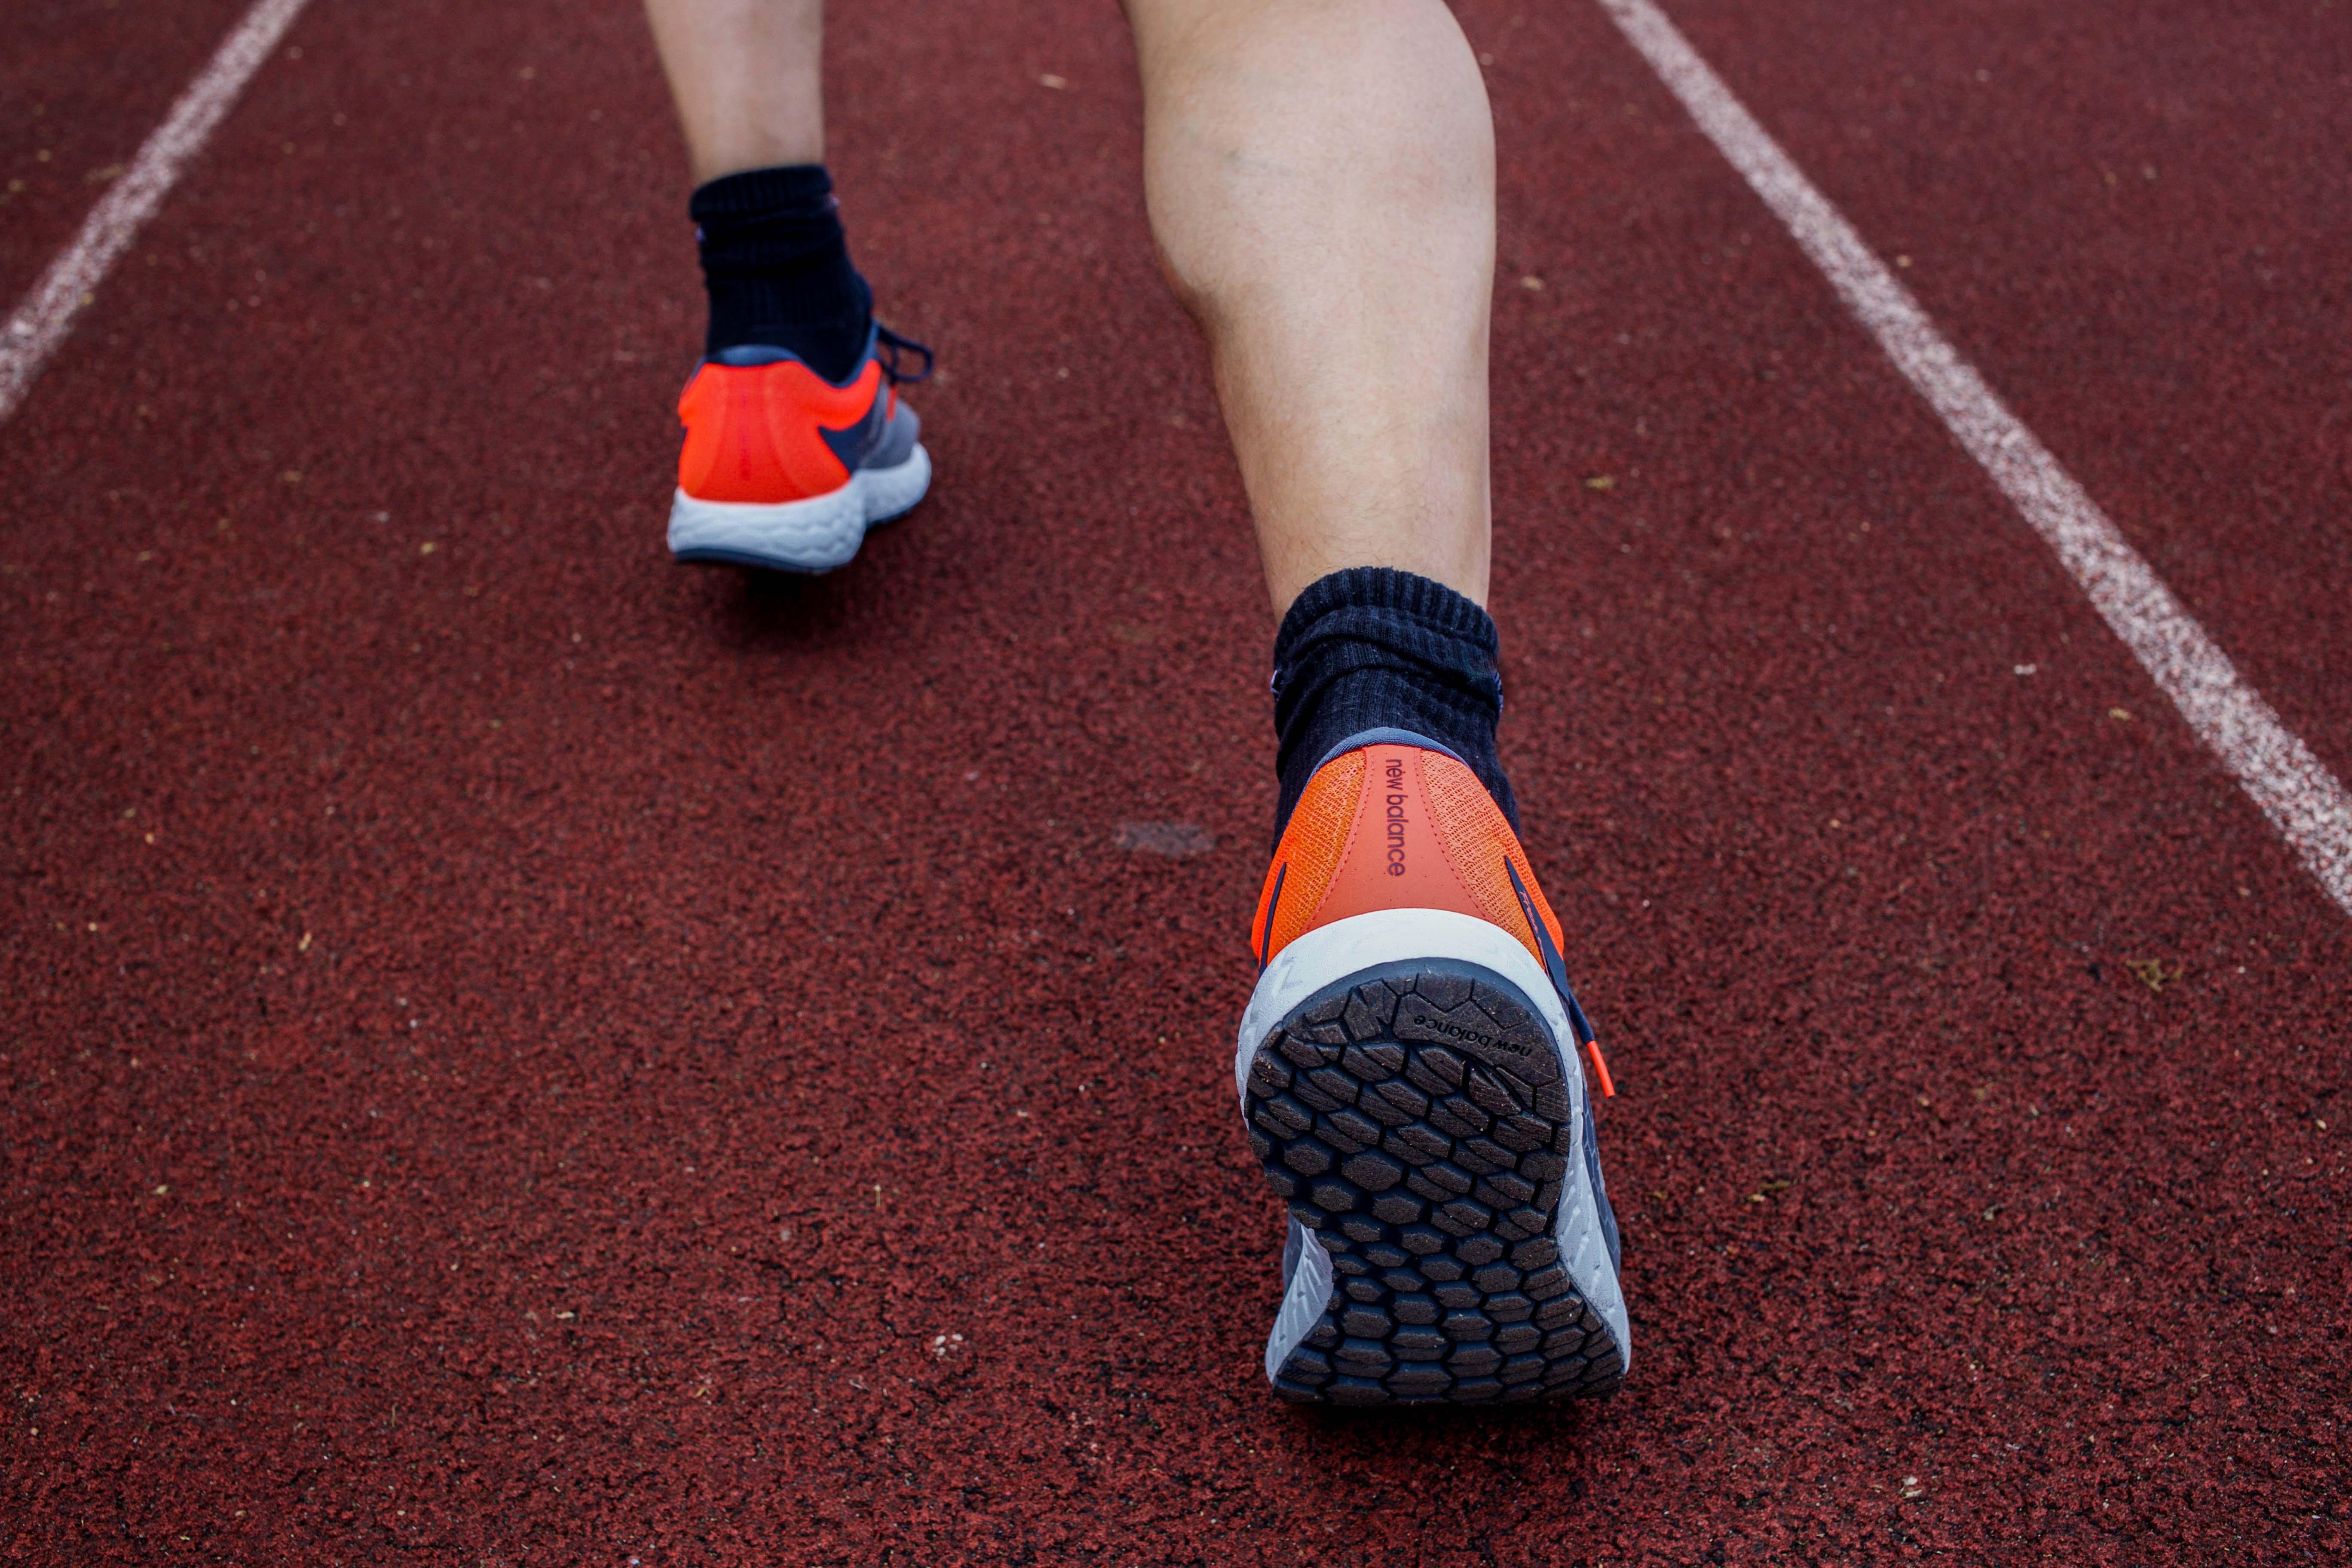 hiit-training-trainingsplan-hochintensives-intervalltraining-vorteile-fitness-sport-ausdauer-abnehmen_6215